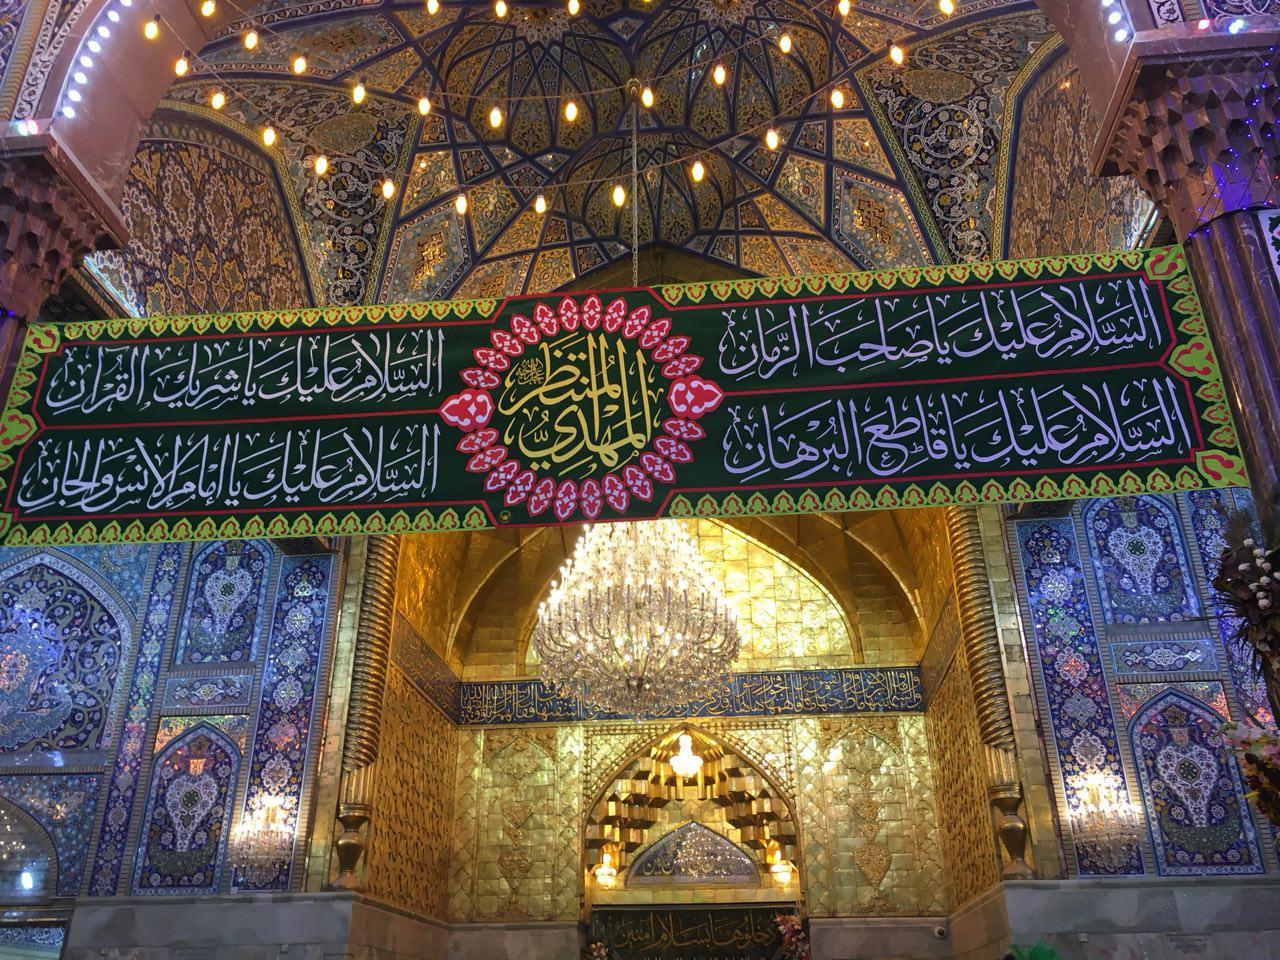 تصویر حضور میلیونی شیعیان در شب نیمه شعبان در شهر مقدس کربلا